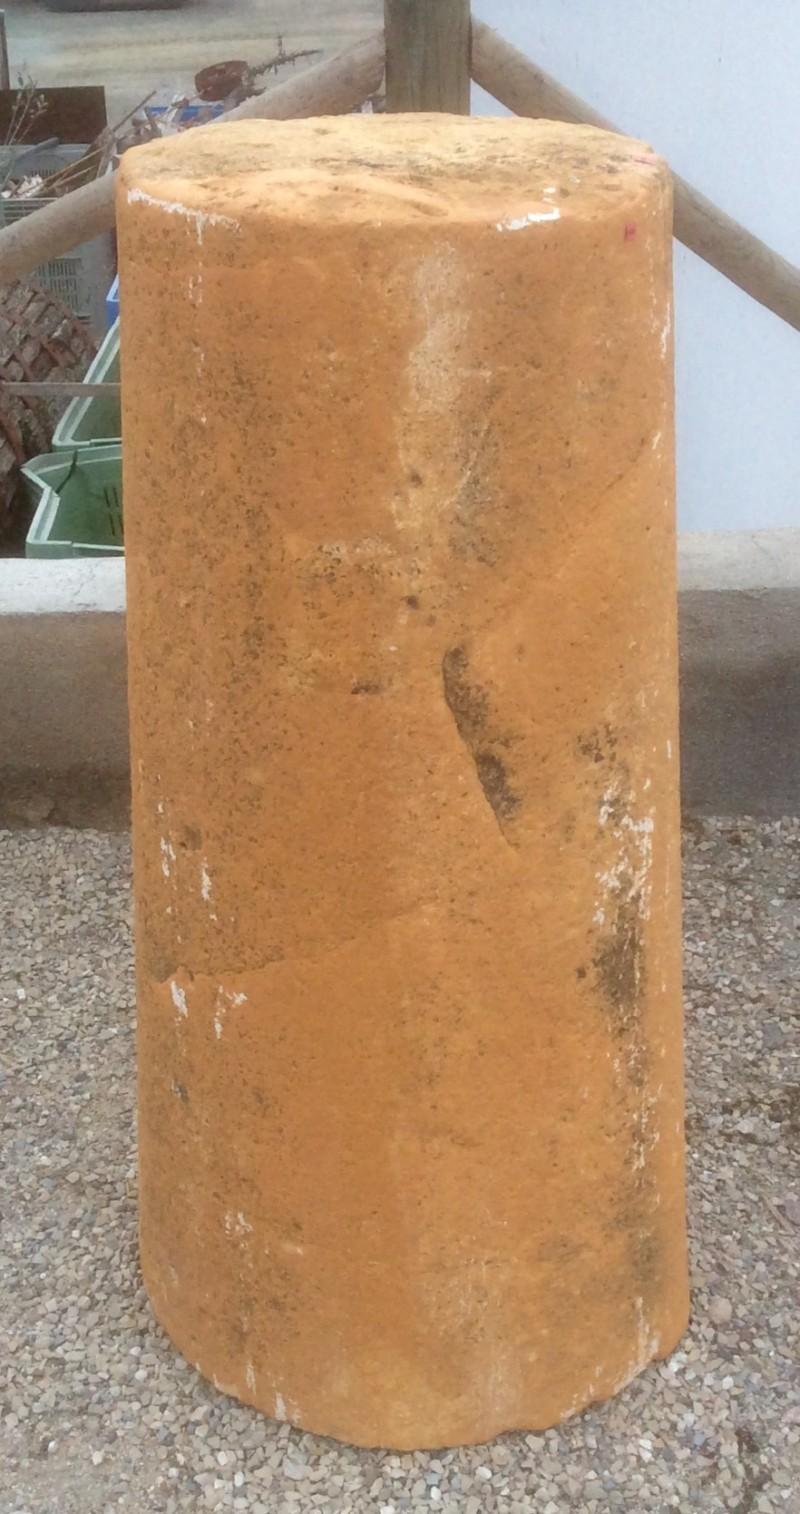 Rulo de piedra reparado. Mide 44 cm de diámetro x 1.06 cm de alto.